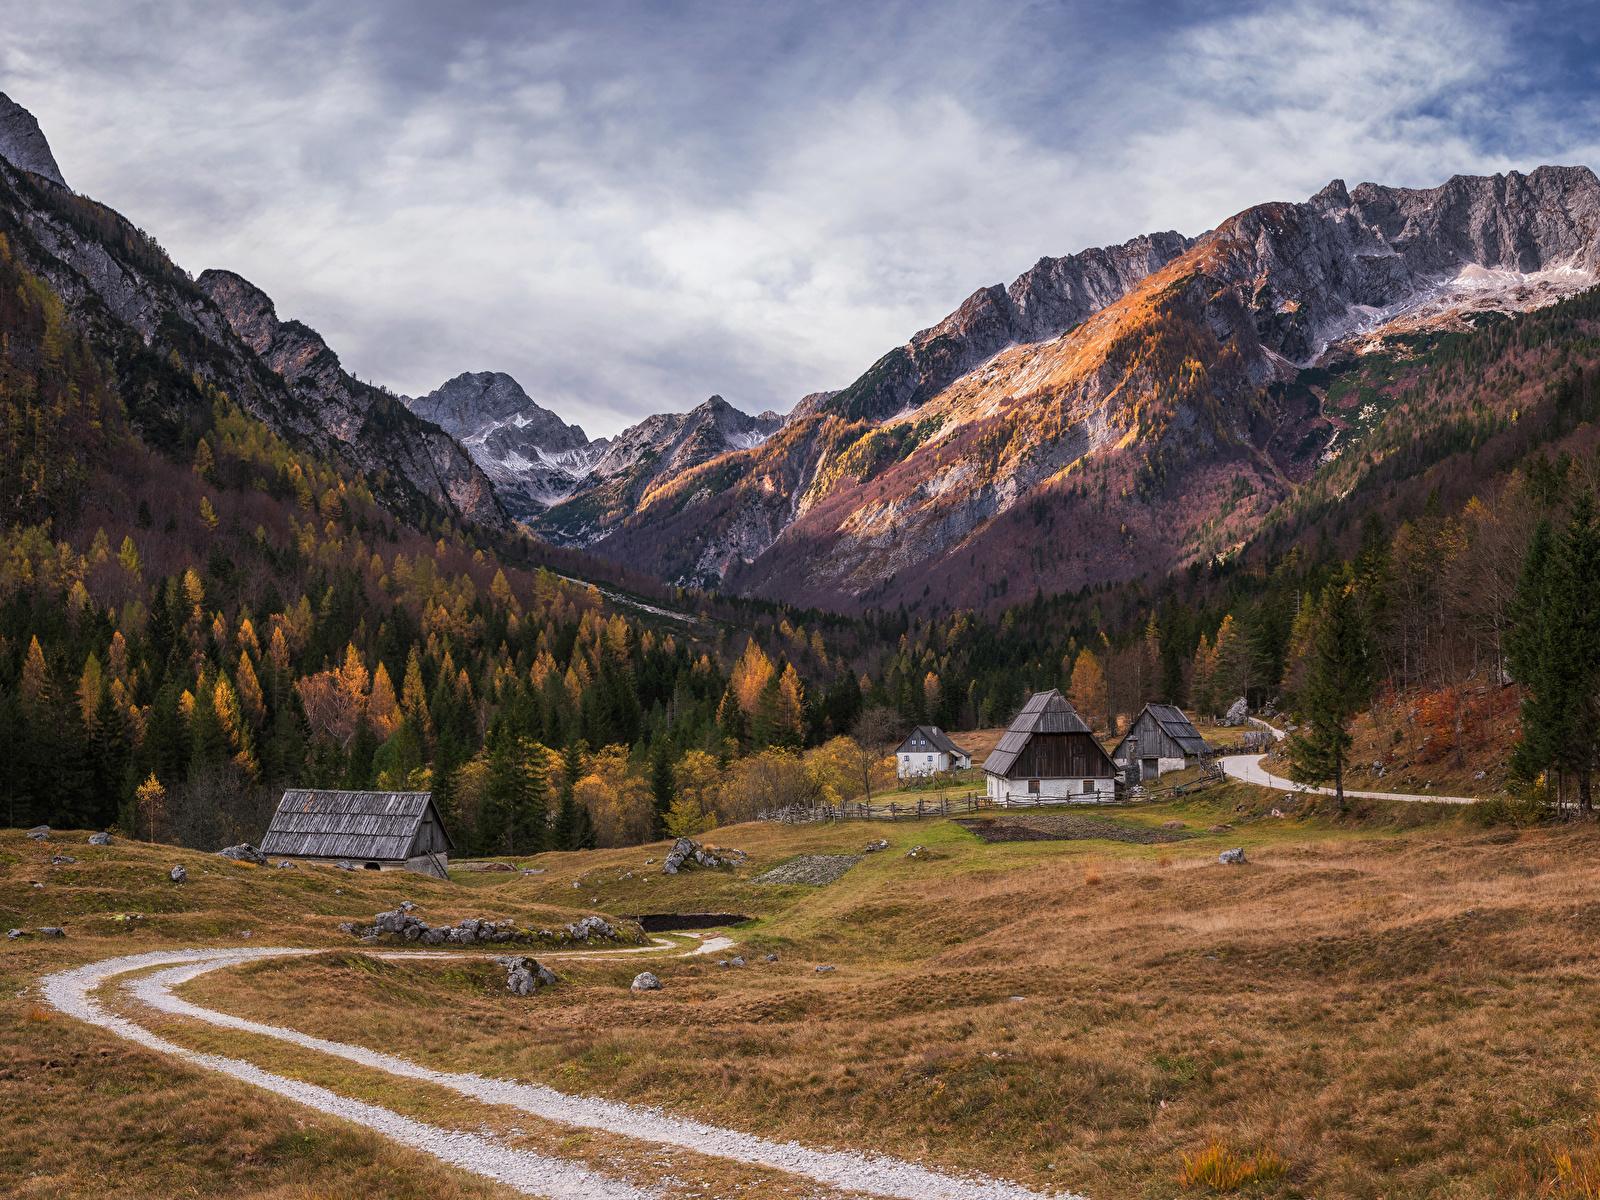 Обои для рабочего стола альп Словения Trenta valley Горы Осень Природа Леса Дороги Дома 1600x1200 Альпы гора осенние лес Здания